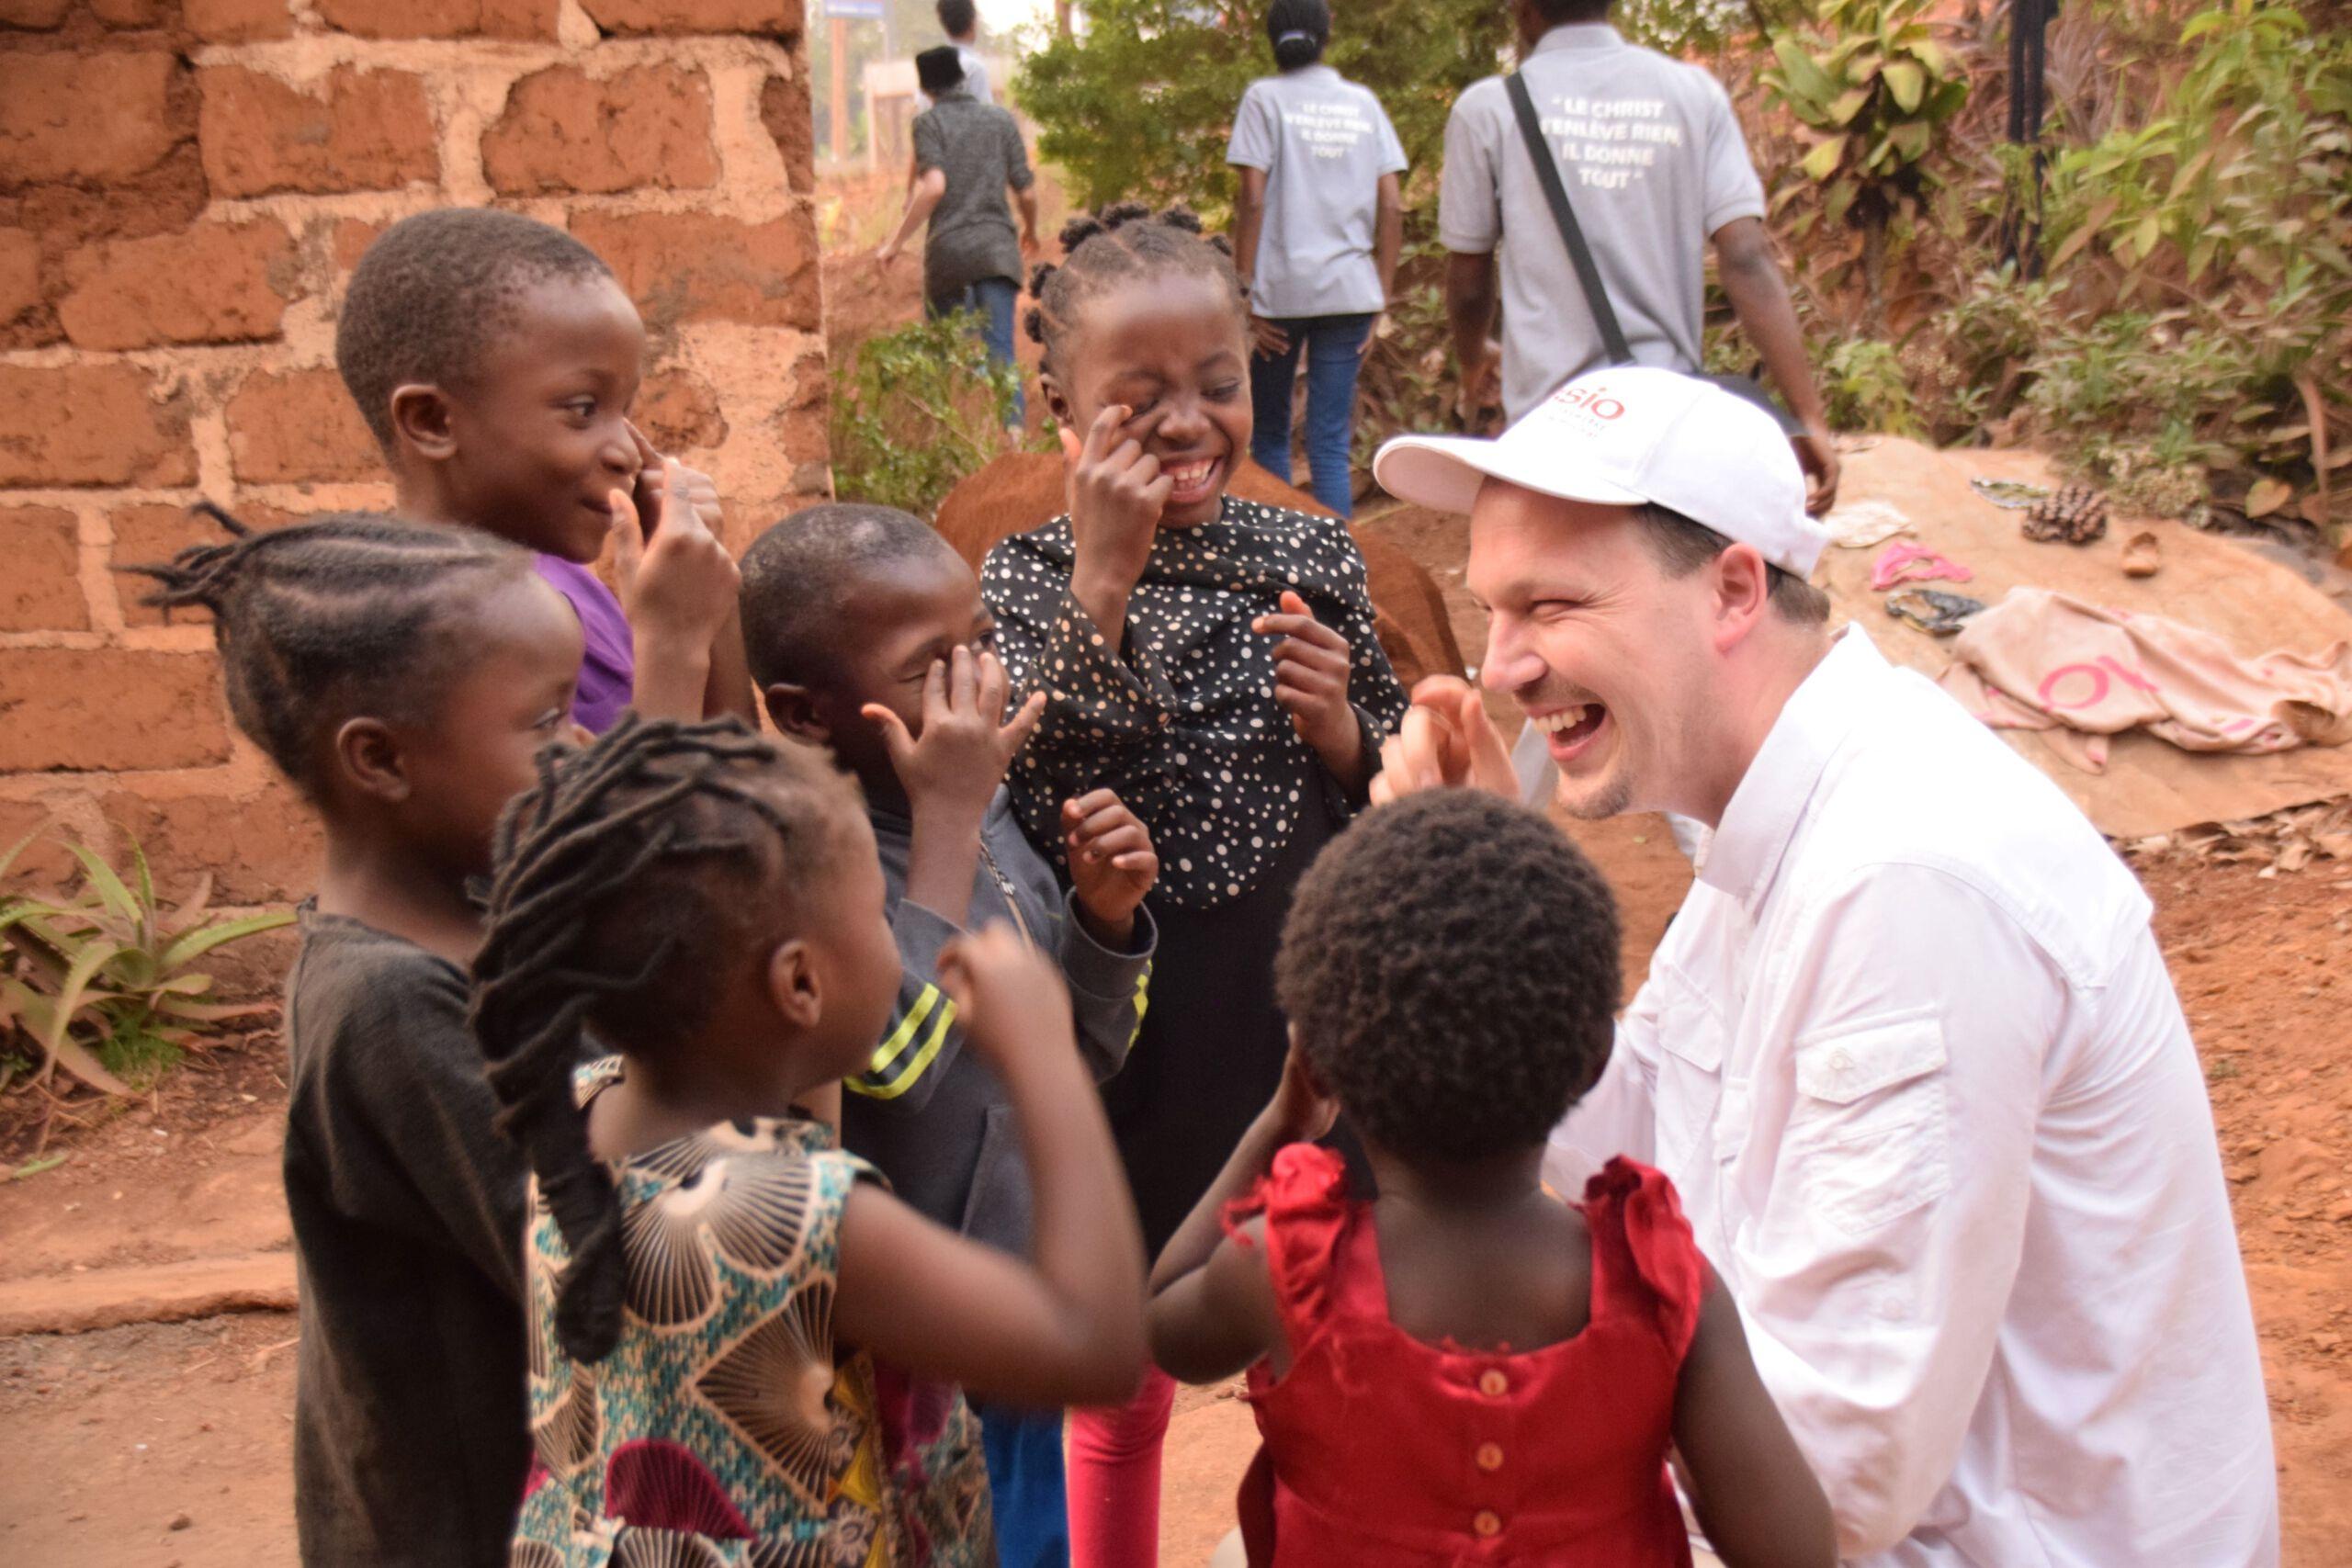 Pfarrer Johannes Laichner zu Besuch in Kamerun